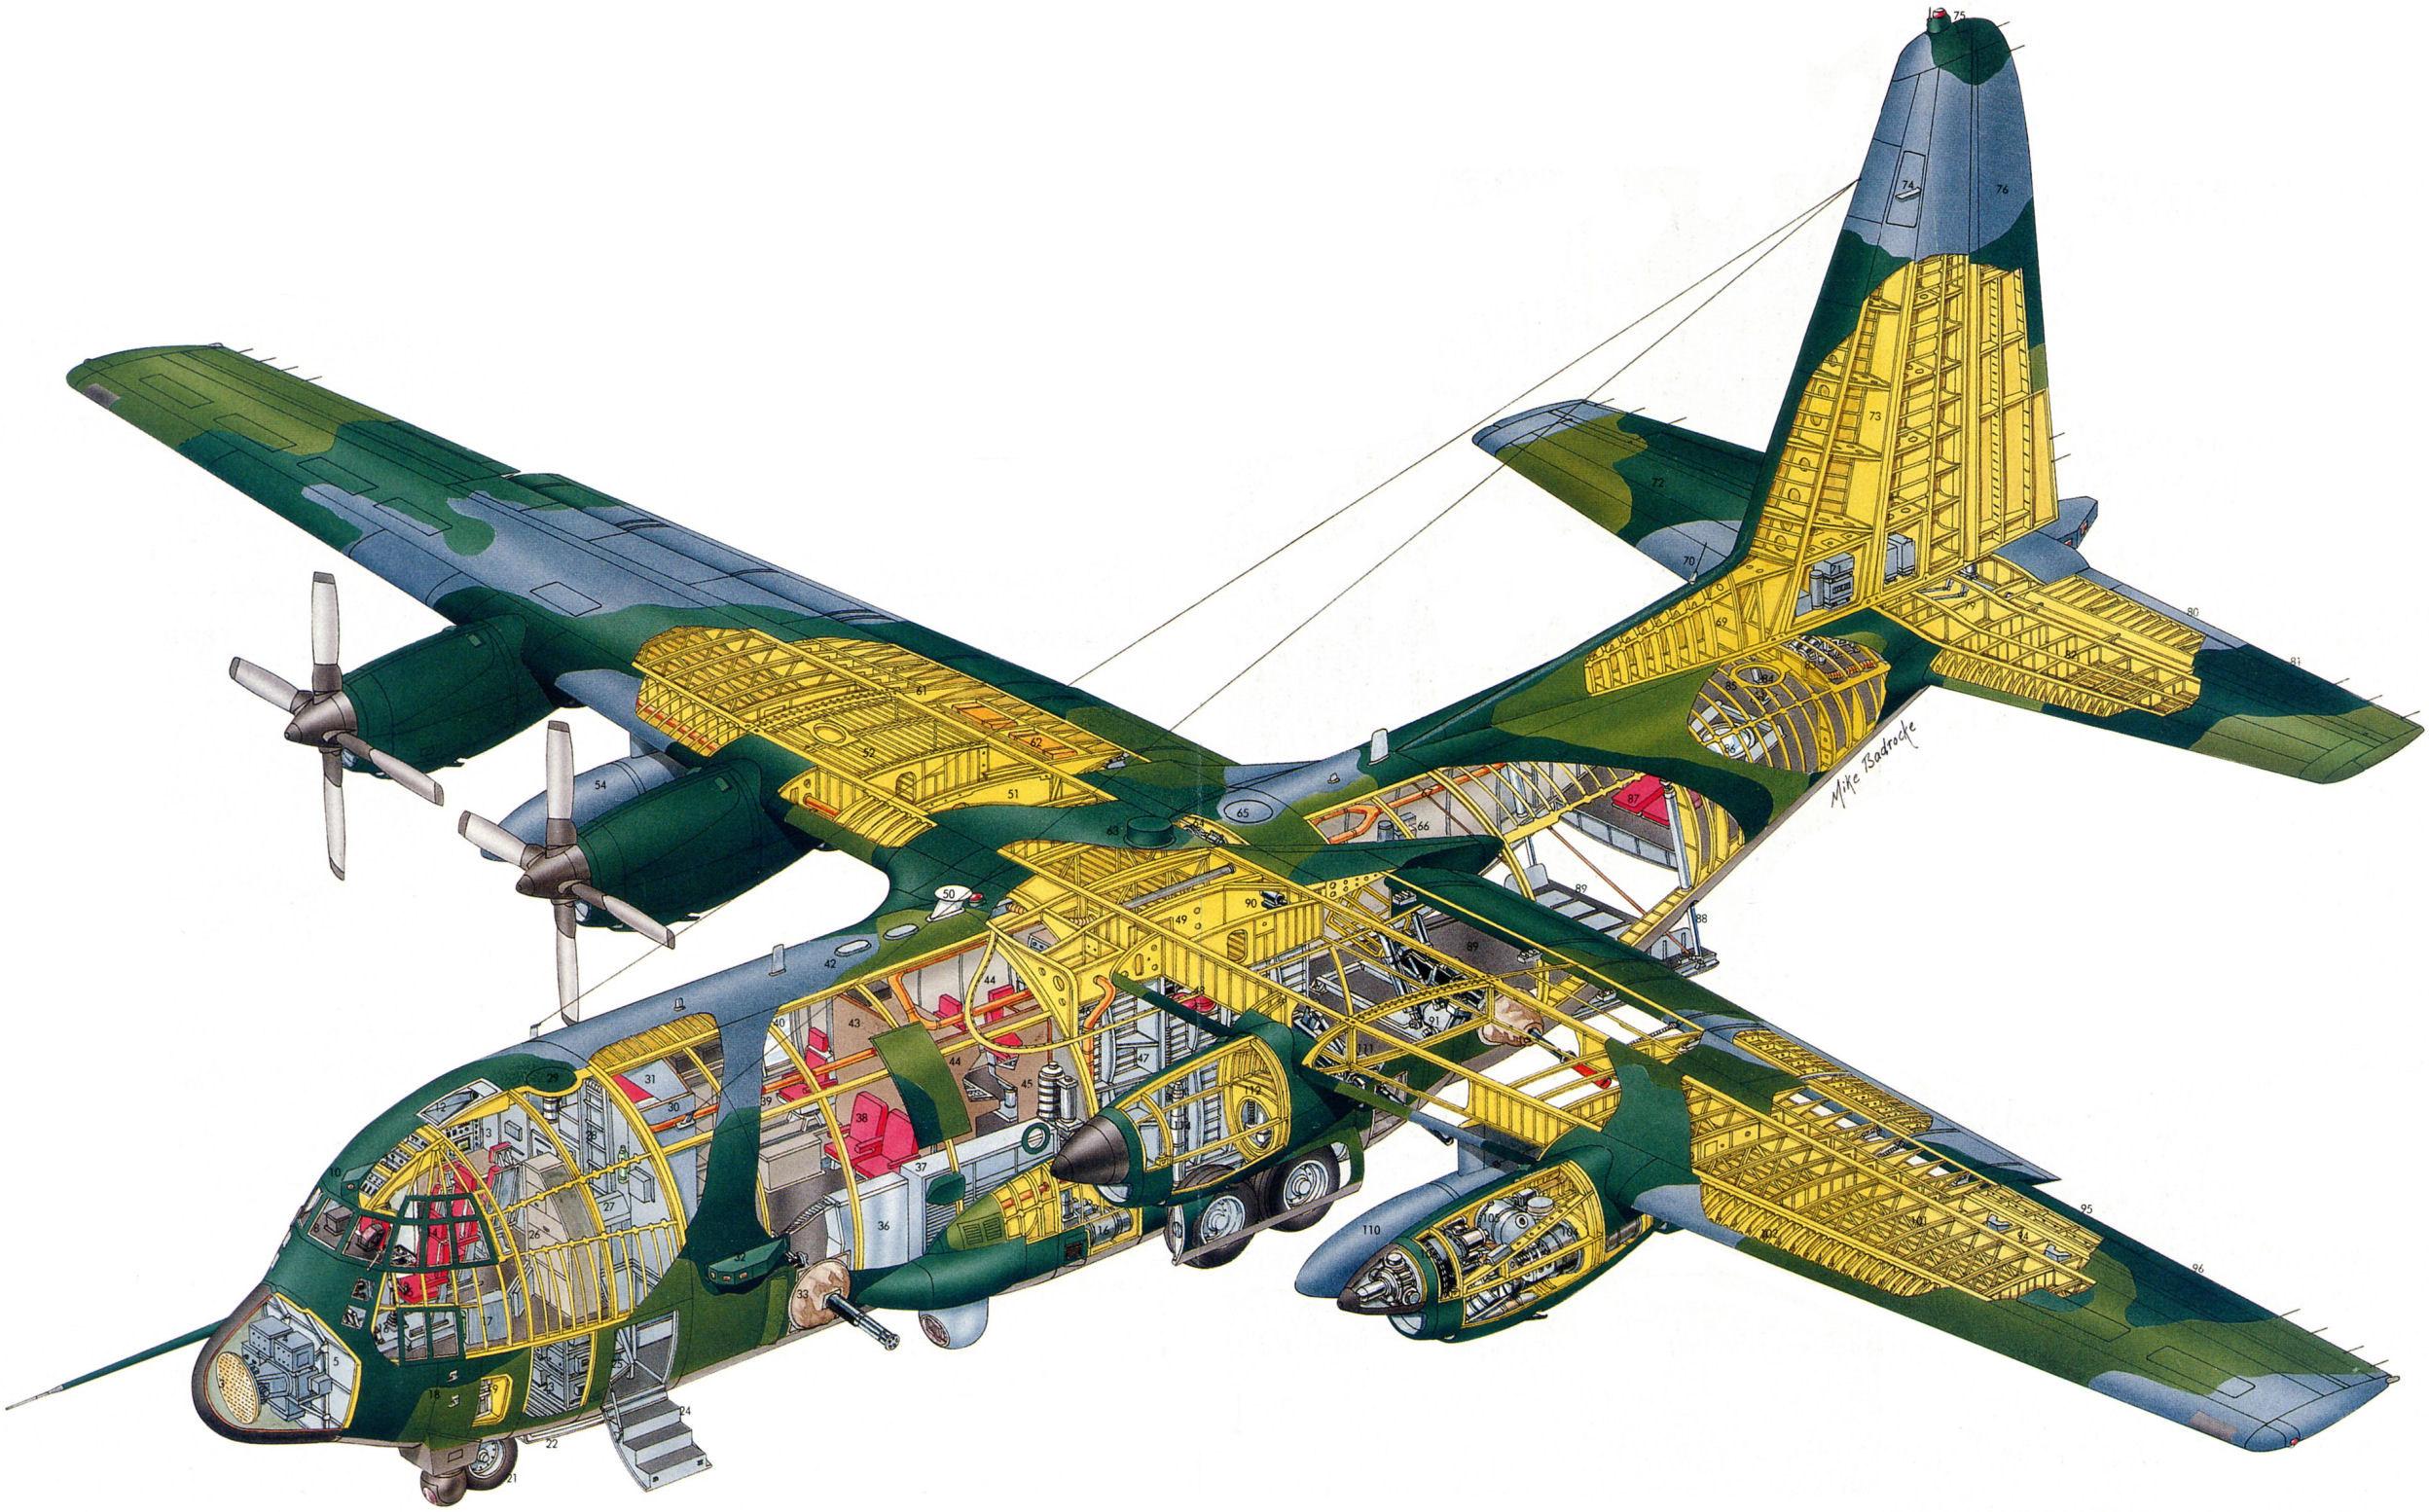 Lockheed C-130 Hercules cutaway